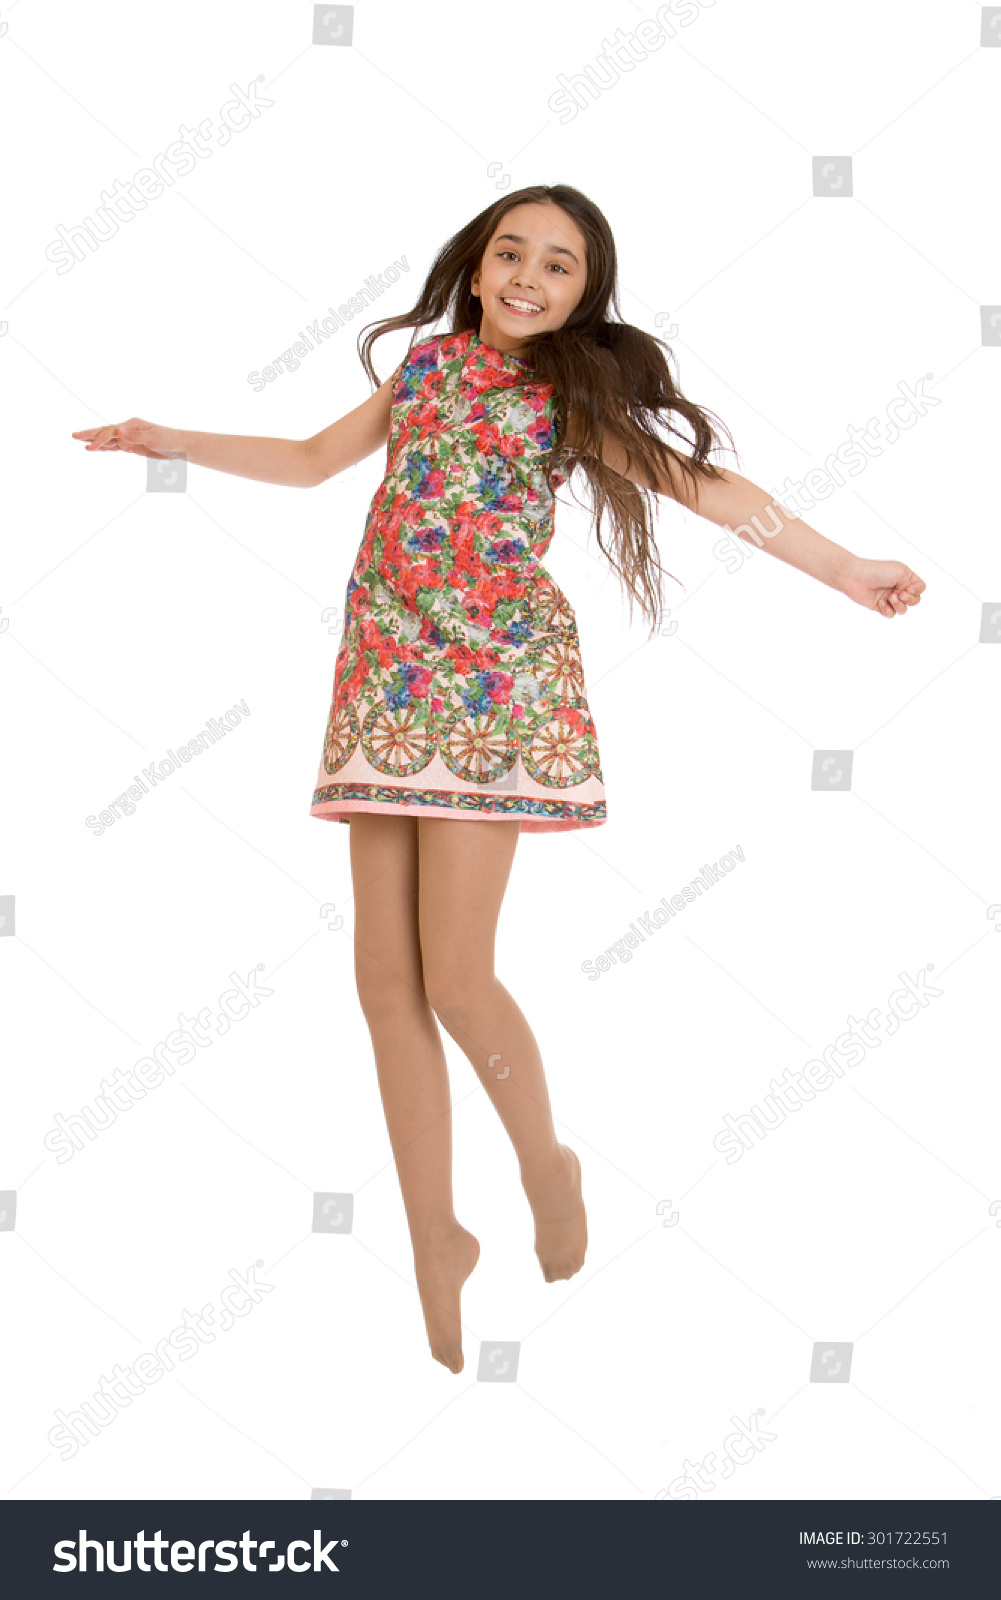 Very Beautiful Darkhaired Girl Very Short Stock Photo 301722551 ...